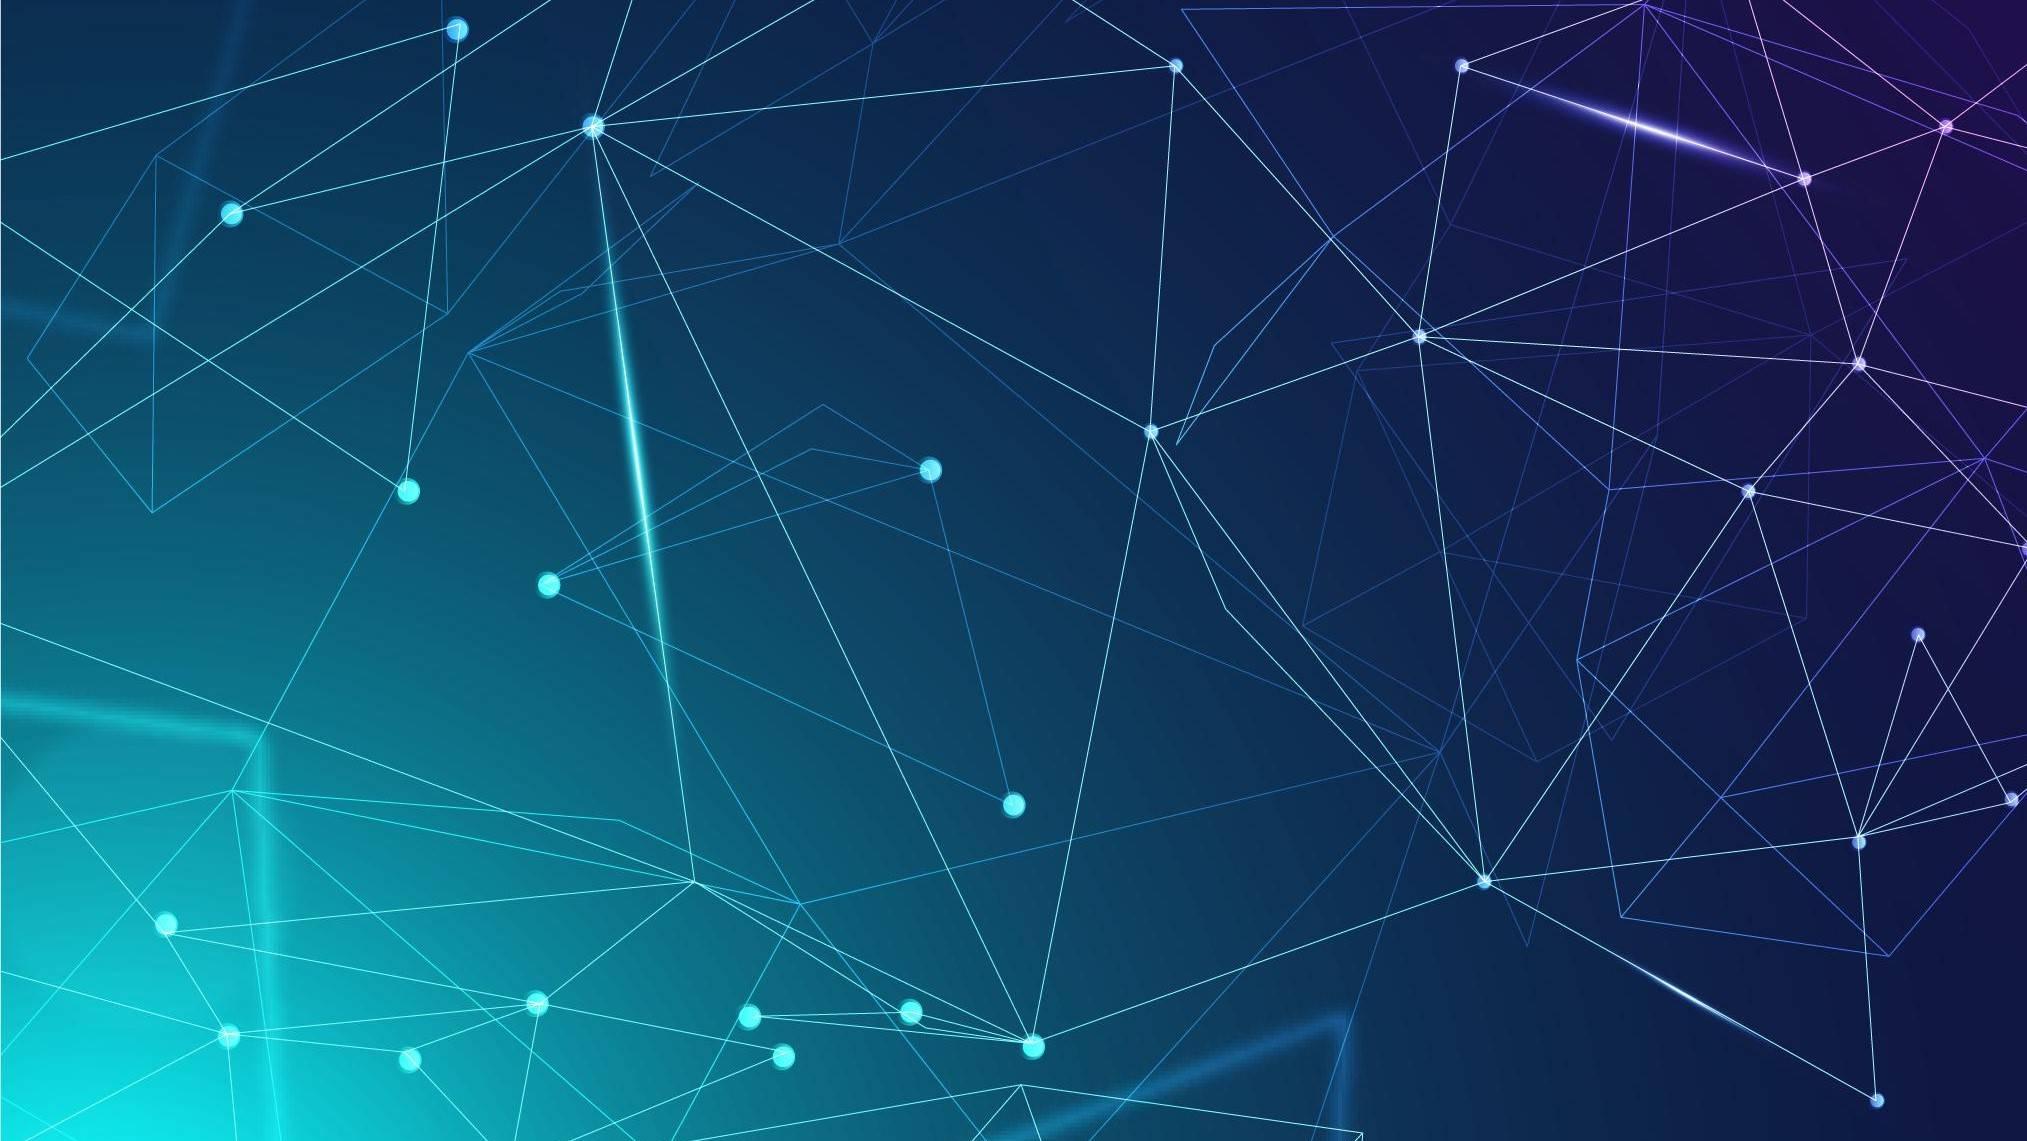 英国三次升级4G/5G网络架构